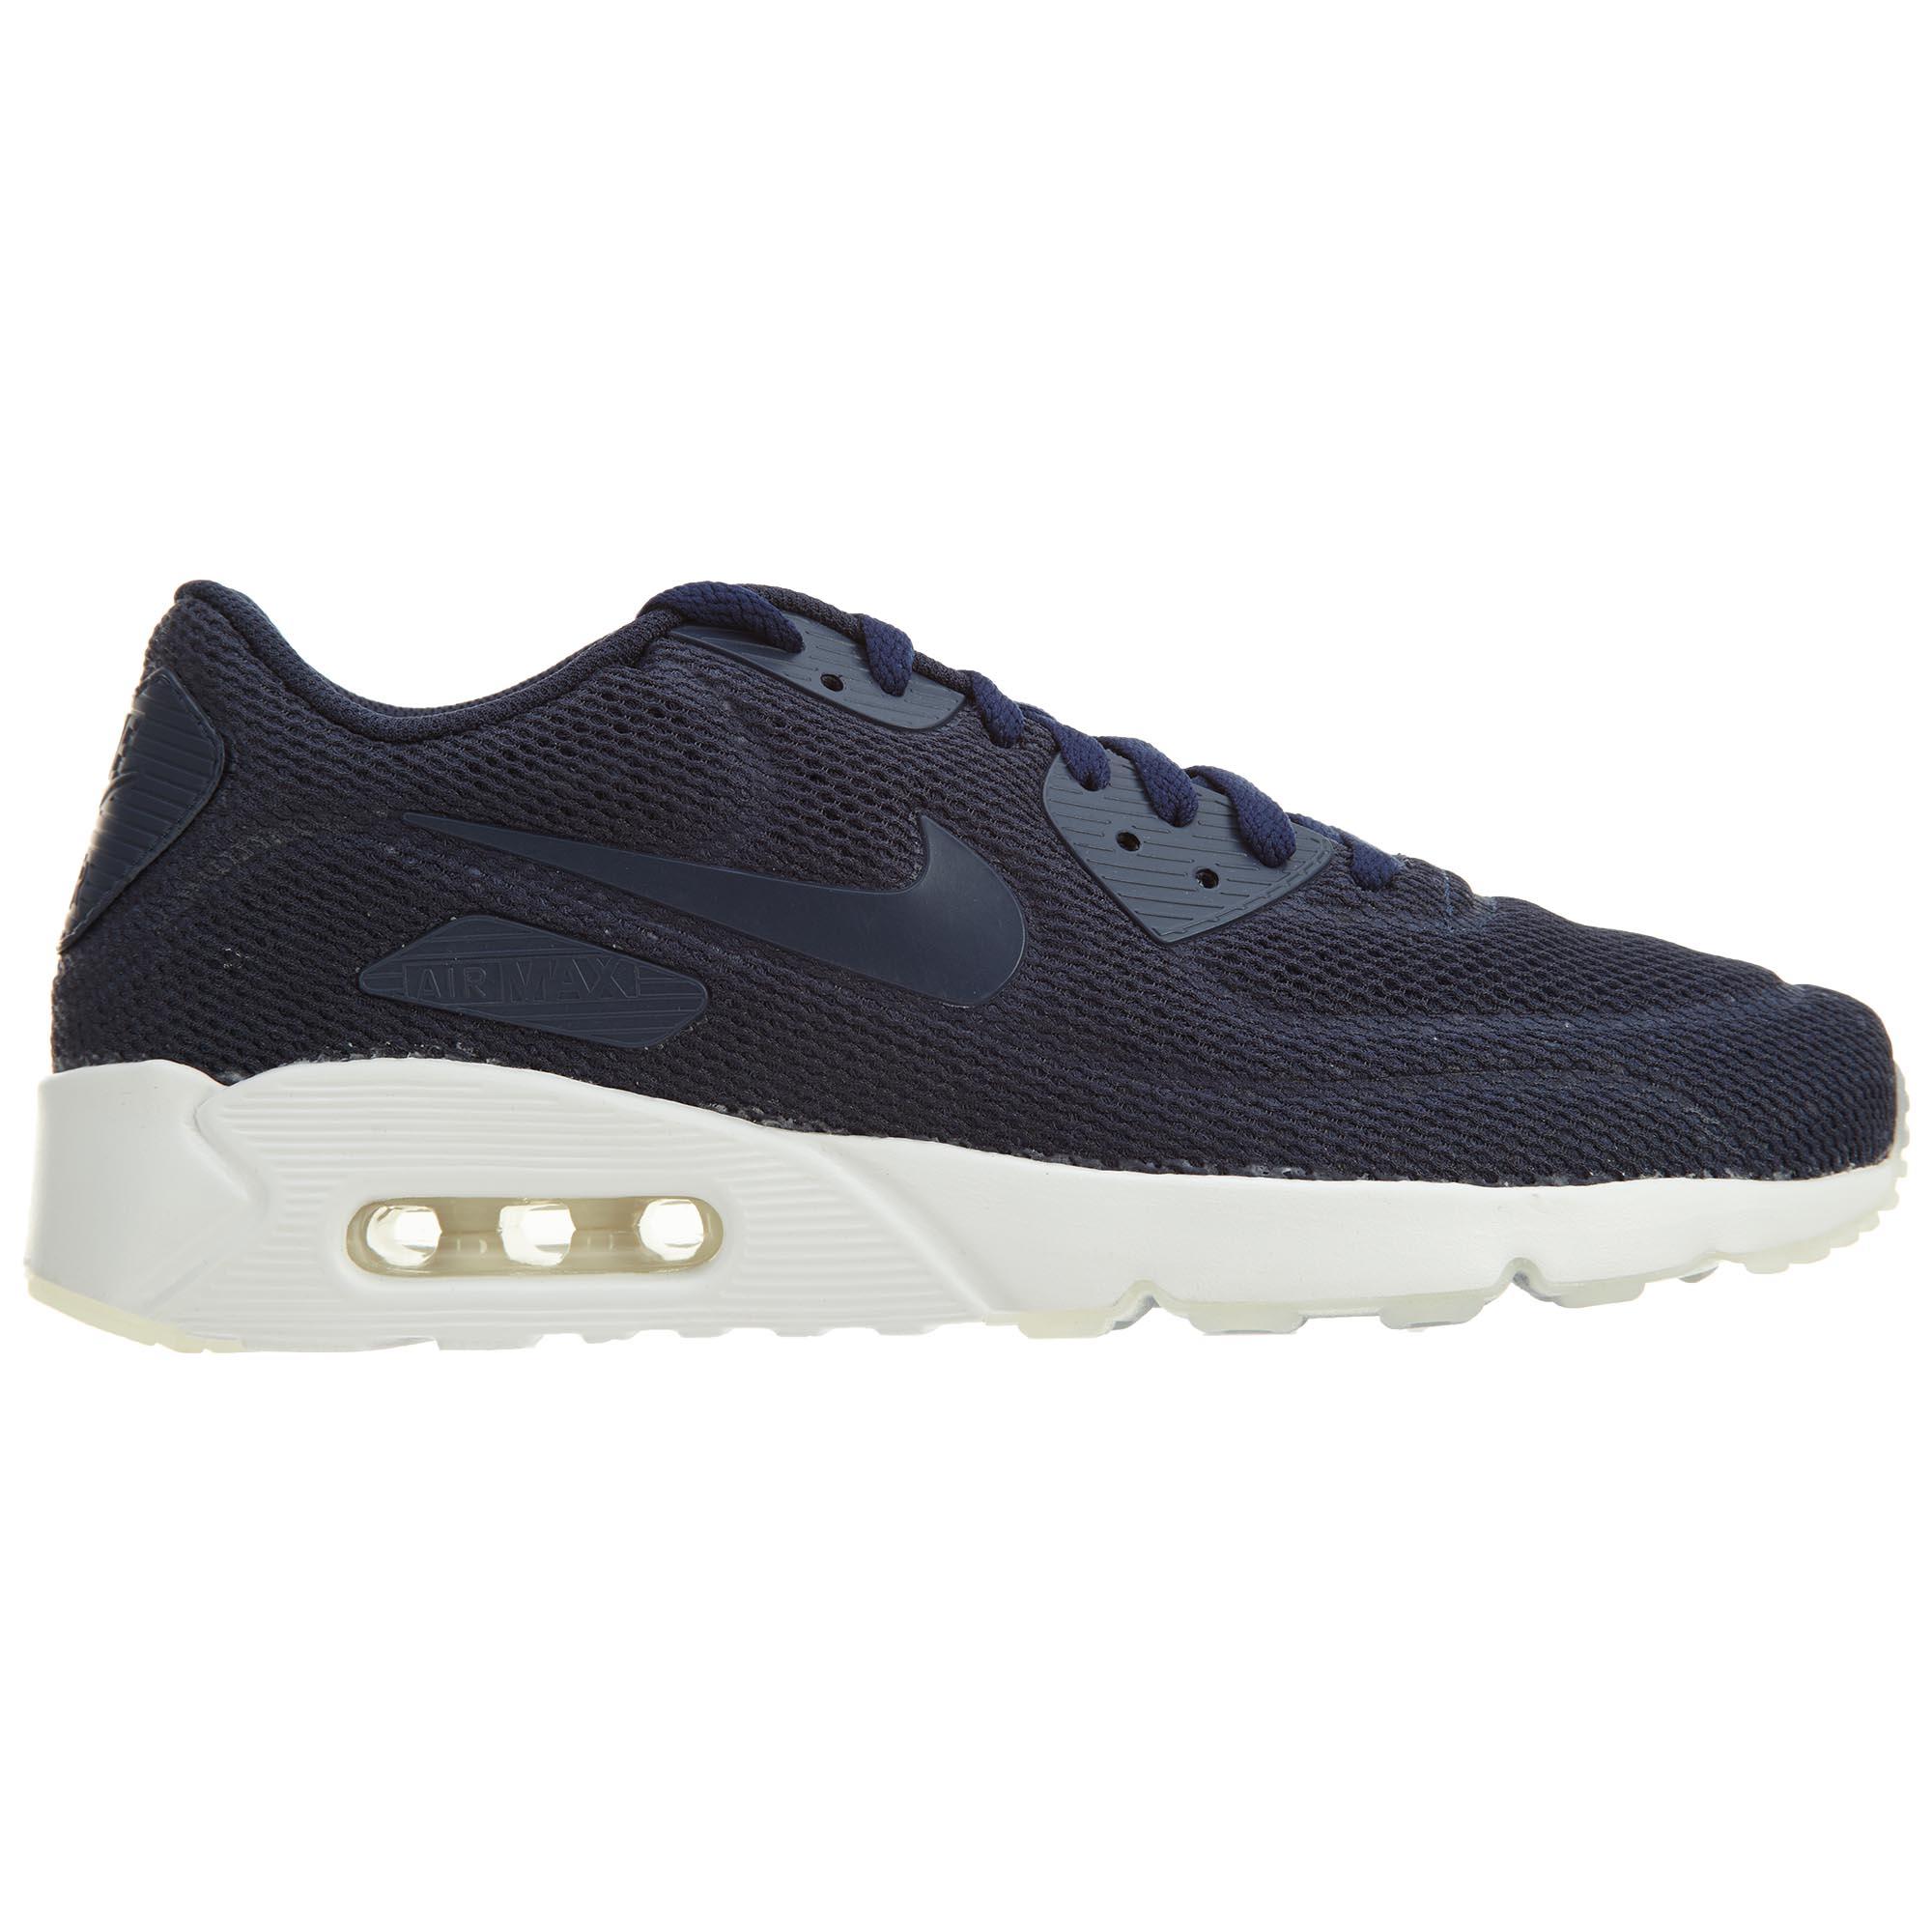 Nike Air Max 90 Ultra 2.0 Br Midnight Navy/Midnight Navy - 898010-400